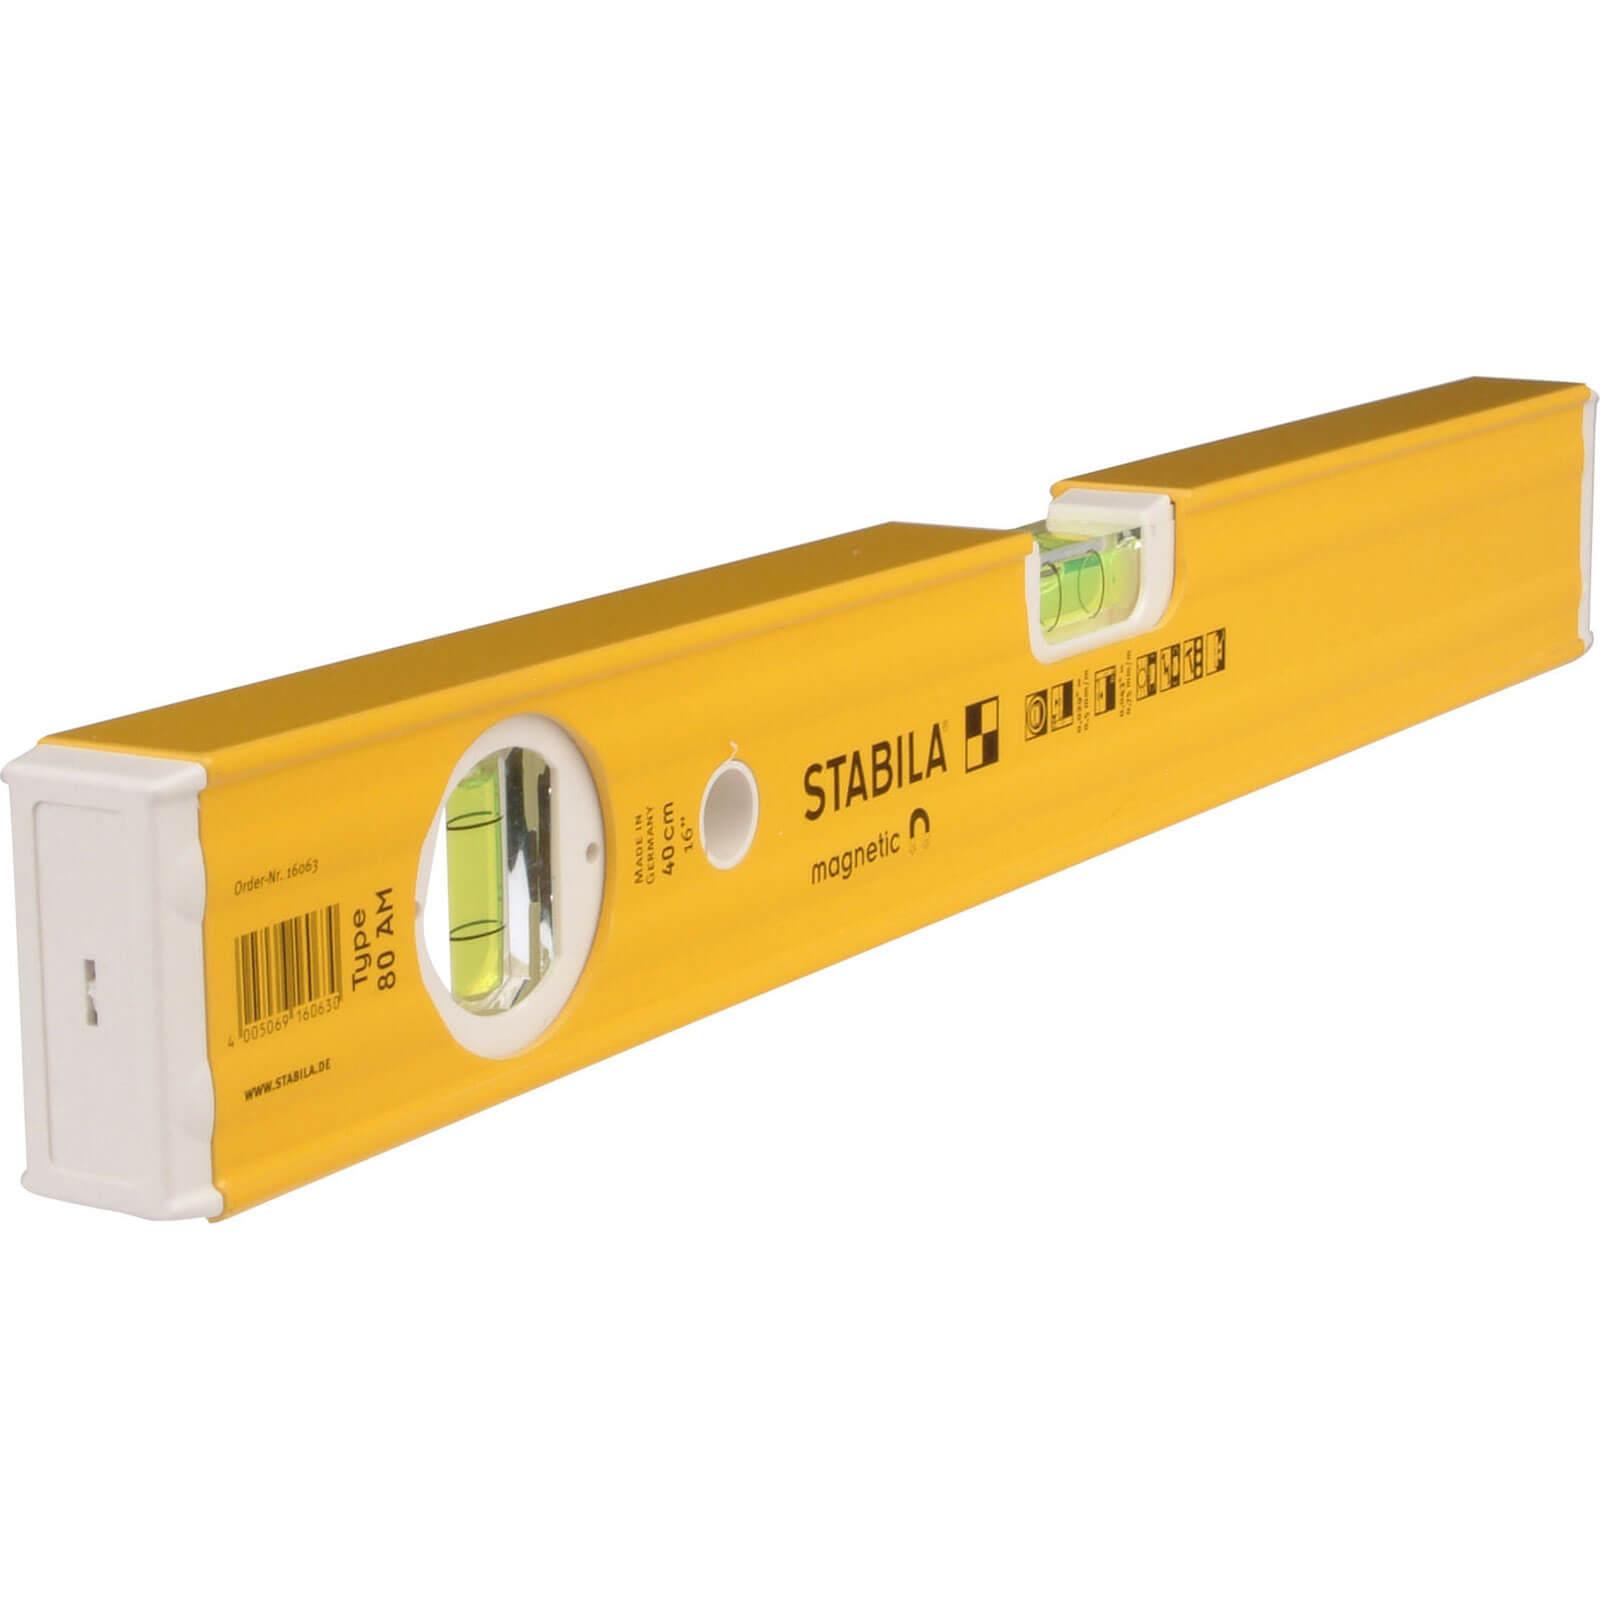 Stabila 80AM 2 Vial Magnetic Spirit Level 80cm / 32